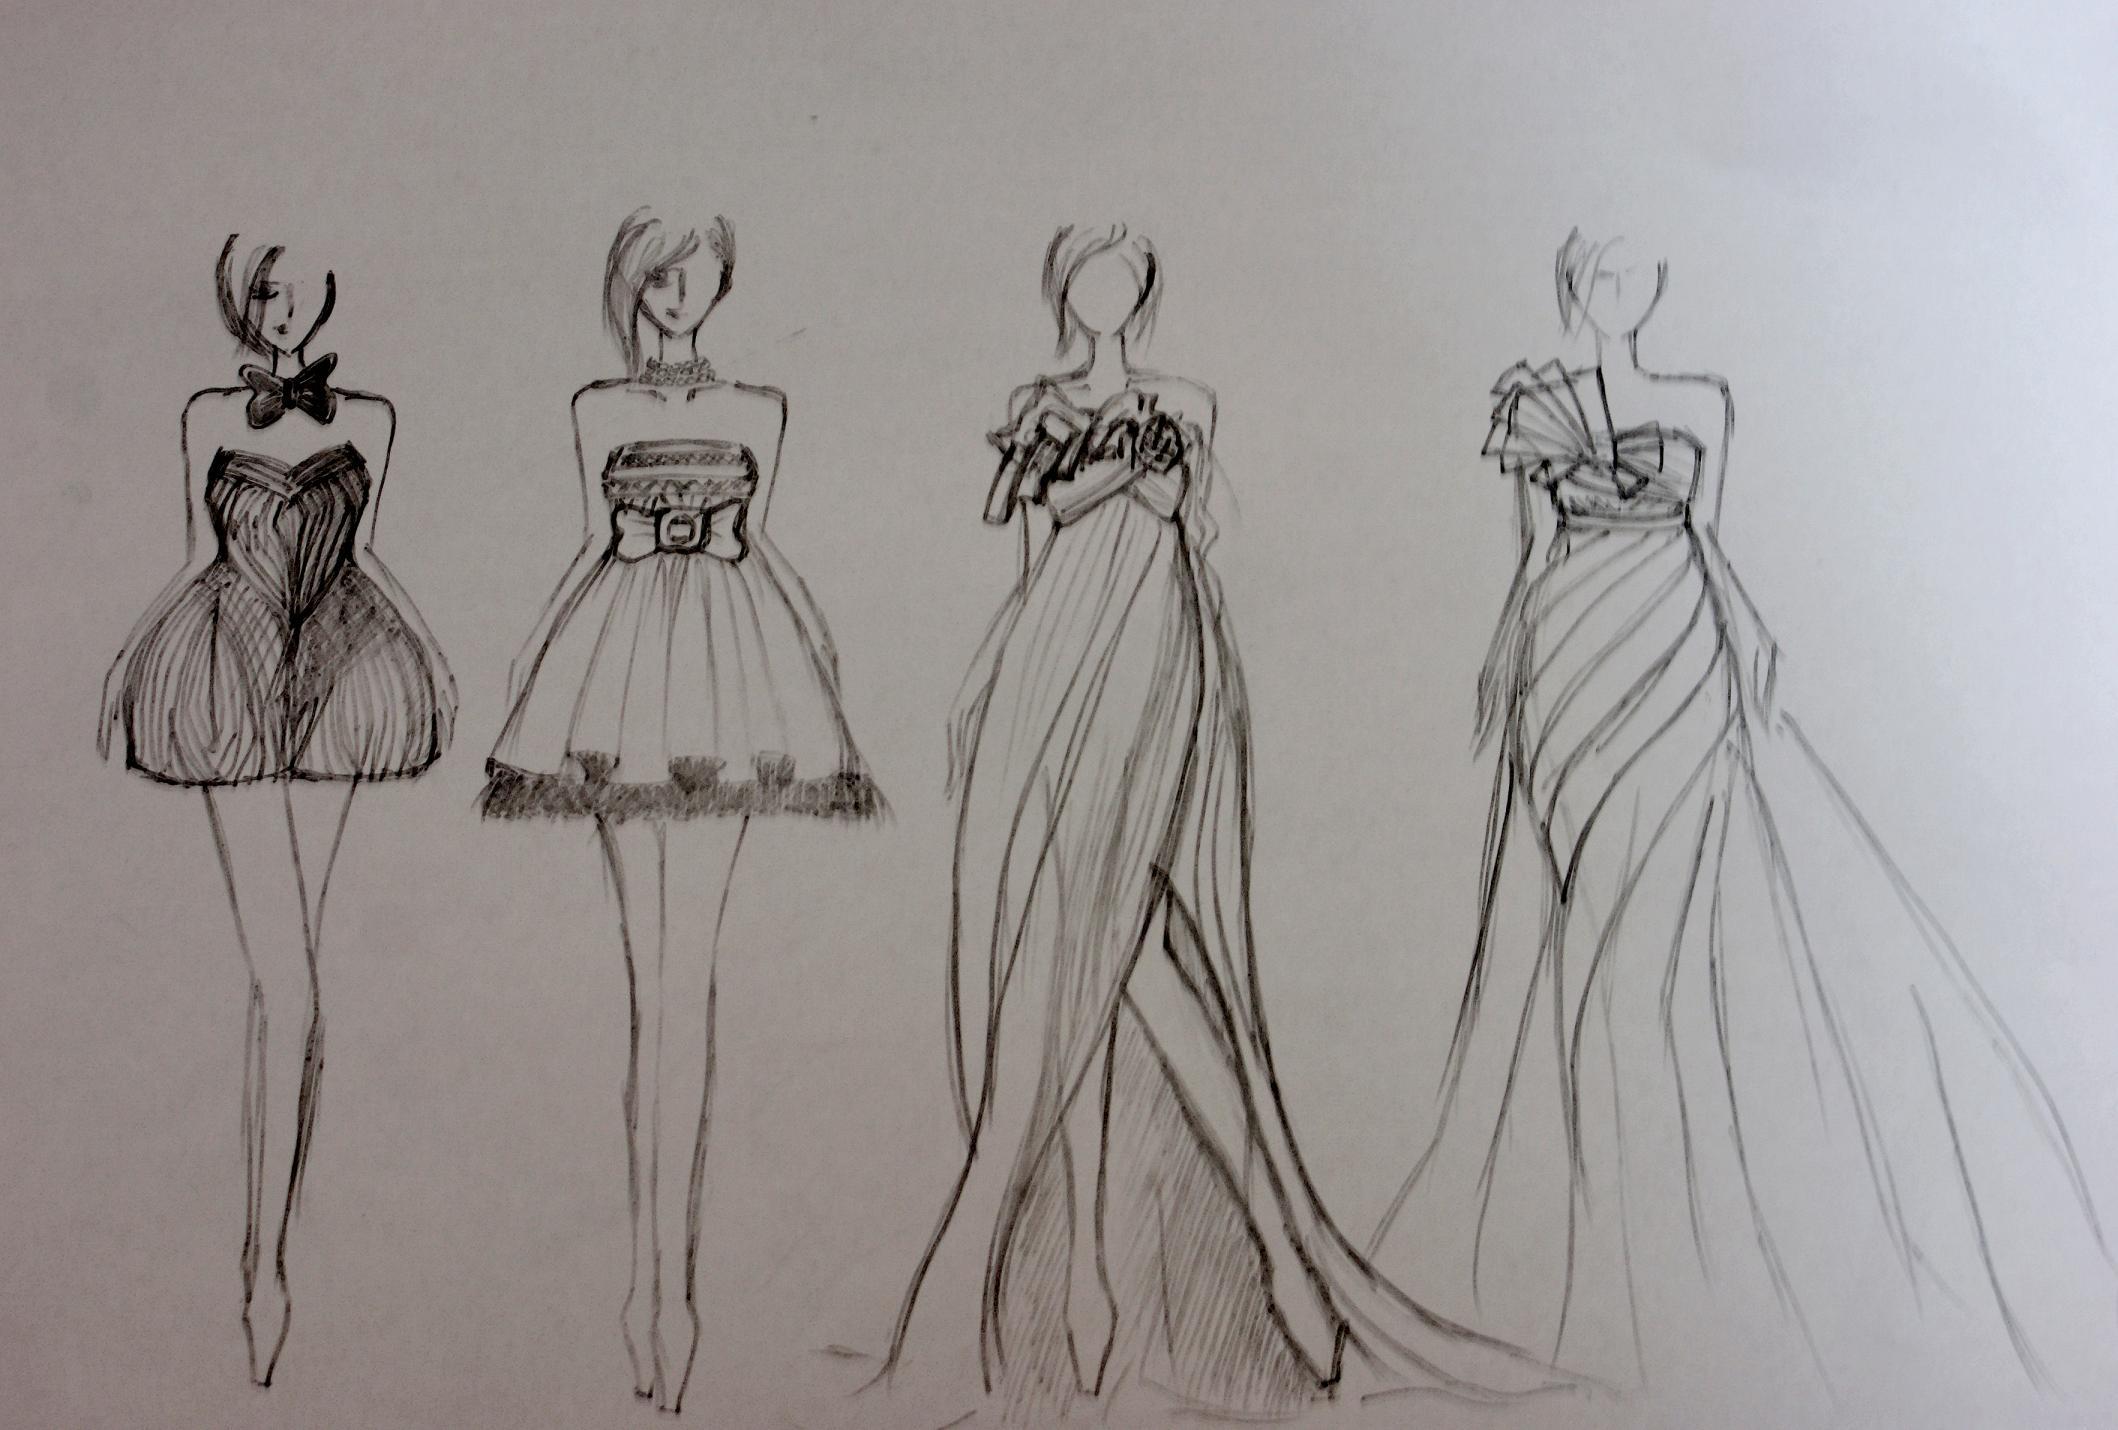 手绘晚礼服设计图铅笔画_手绘晚礼服设计图铅笔画图片